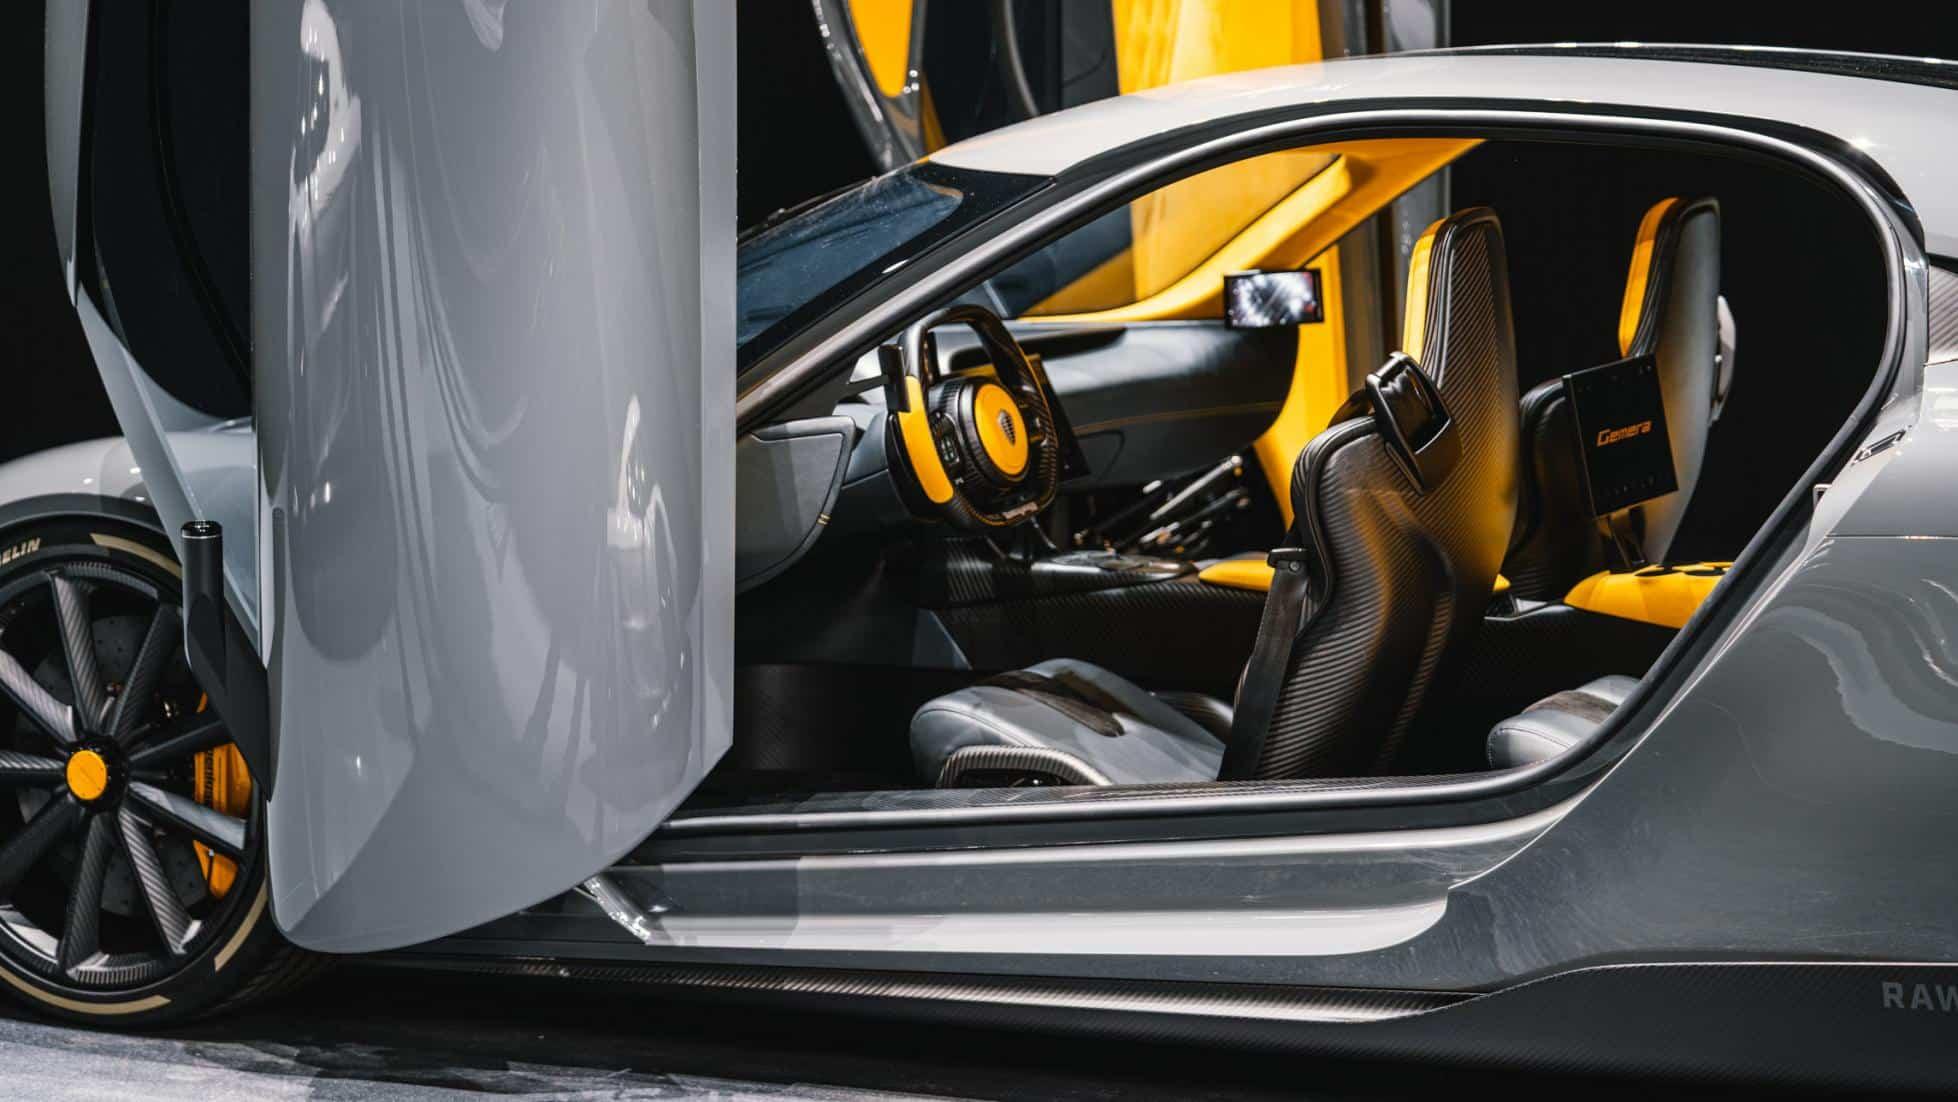 Koenigsegg Gemera - Image 11